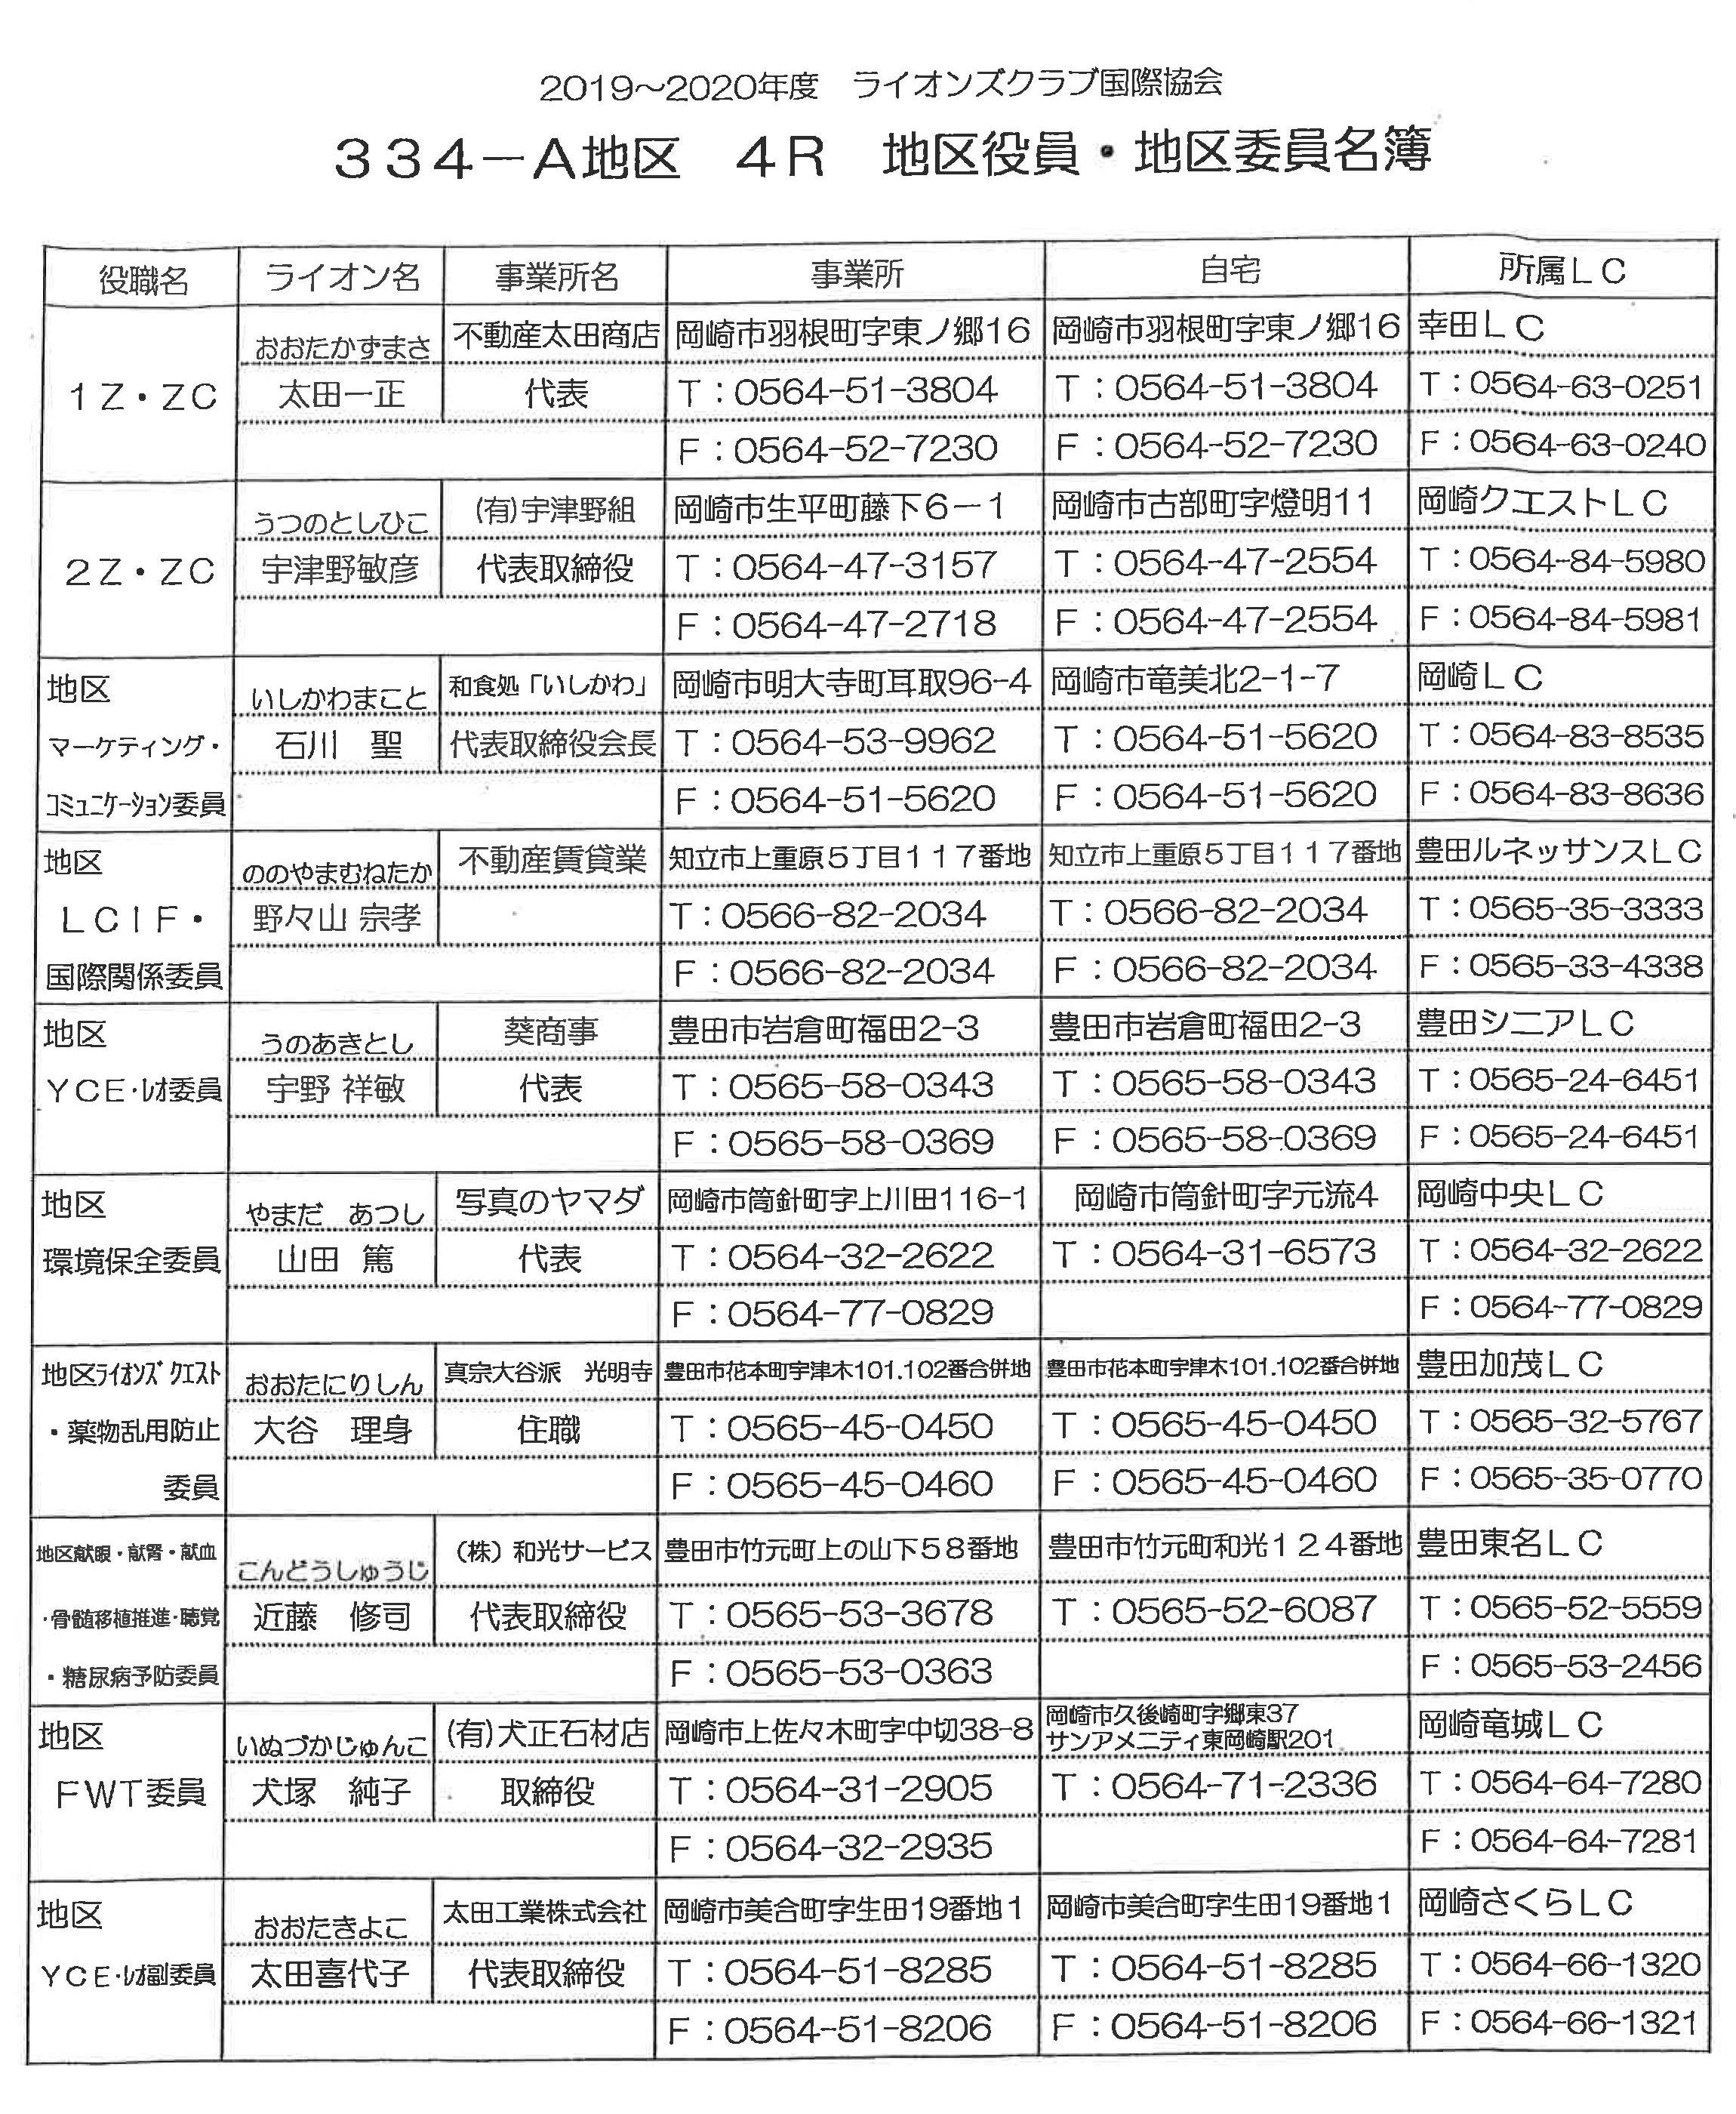 18準備四献会議資料334A地区 4R 地区役員 地区委員名簿1